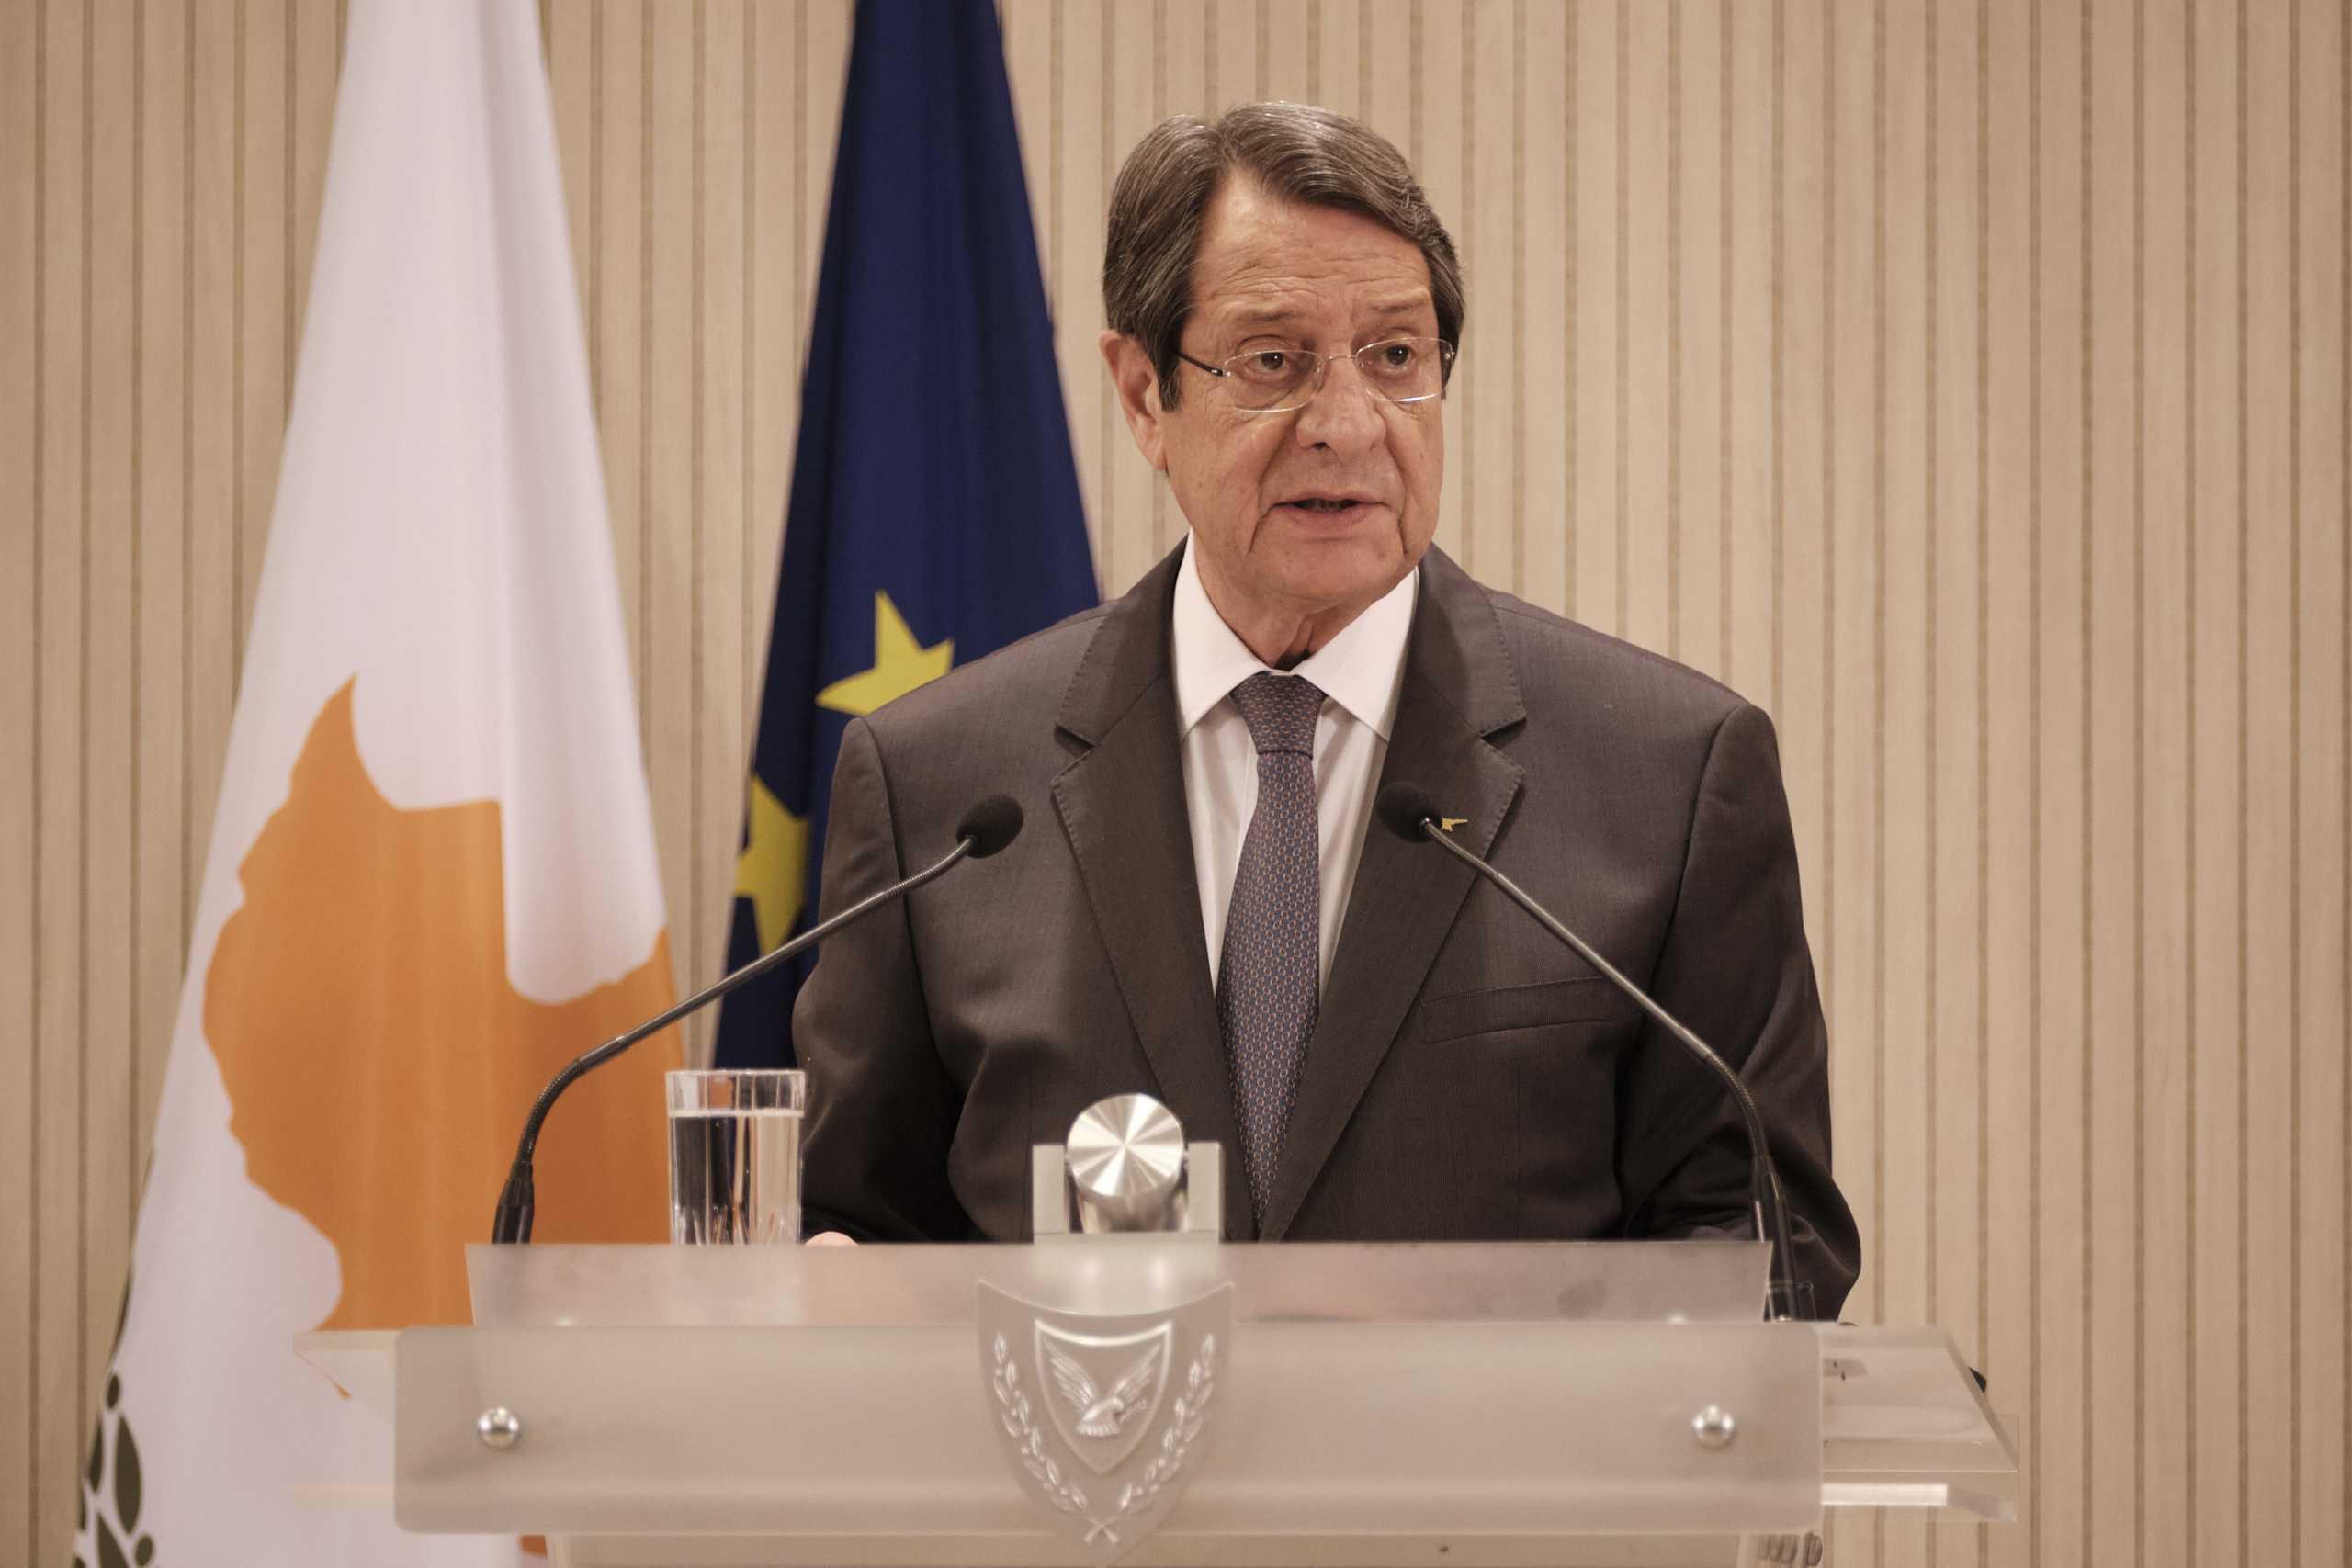 Οργισμένος ο Αναστασιάδης για τους συνωστισμούς: Δεν θα επιτρέψω για μια θλιβερή μειοψηφία να υποφέρει η Κύπρος